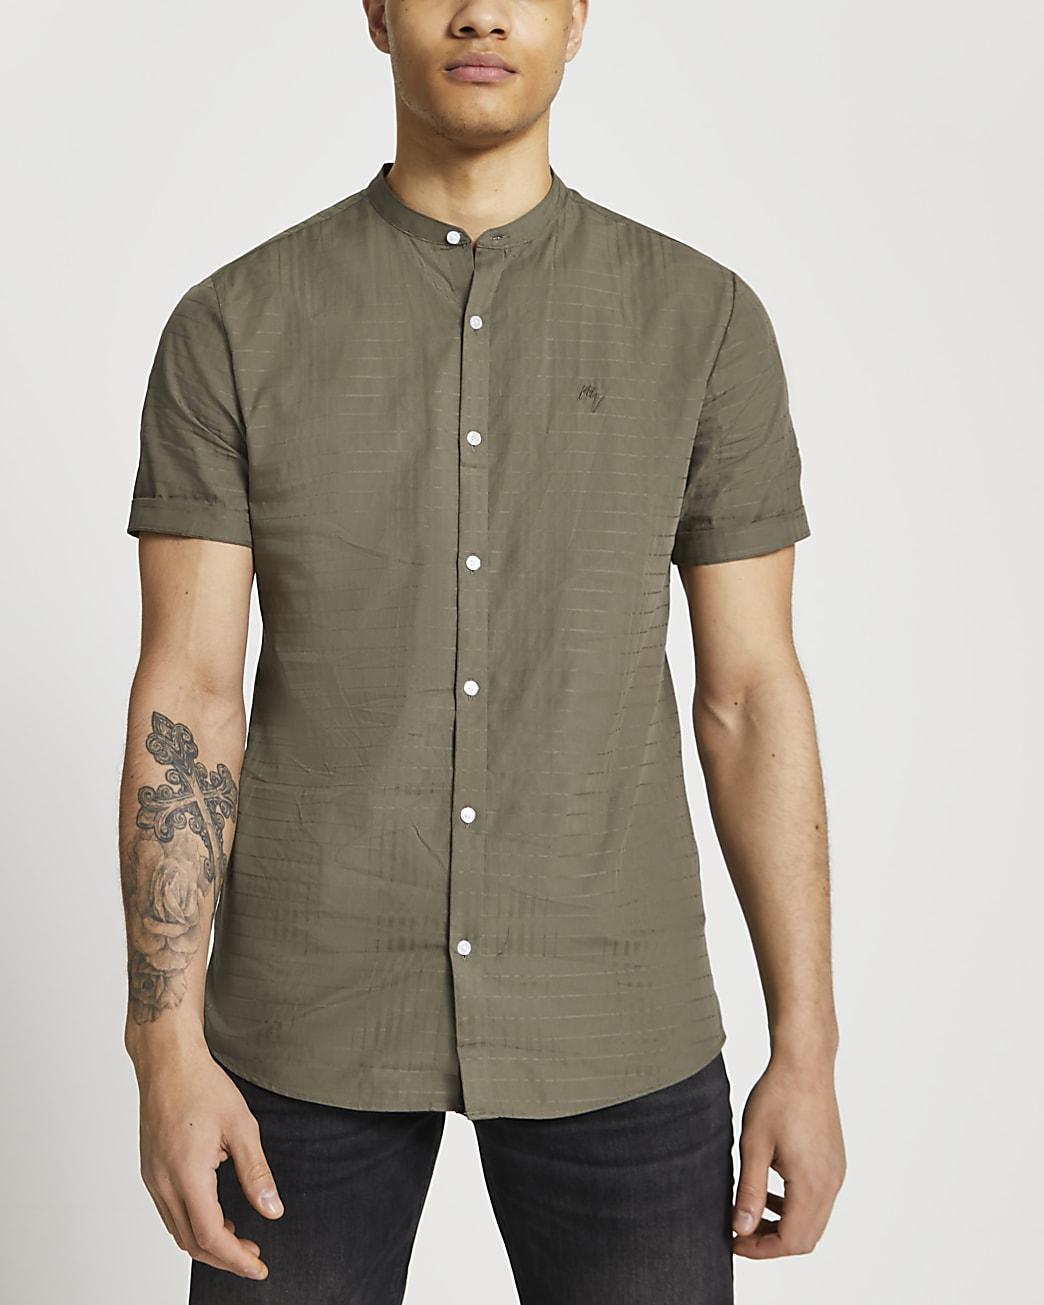 Maison Riviera khaki short sleeve shirt